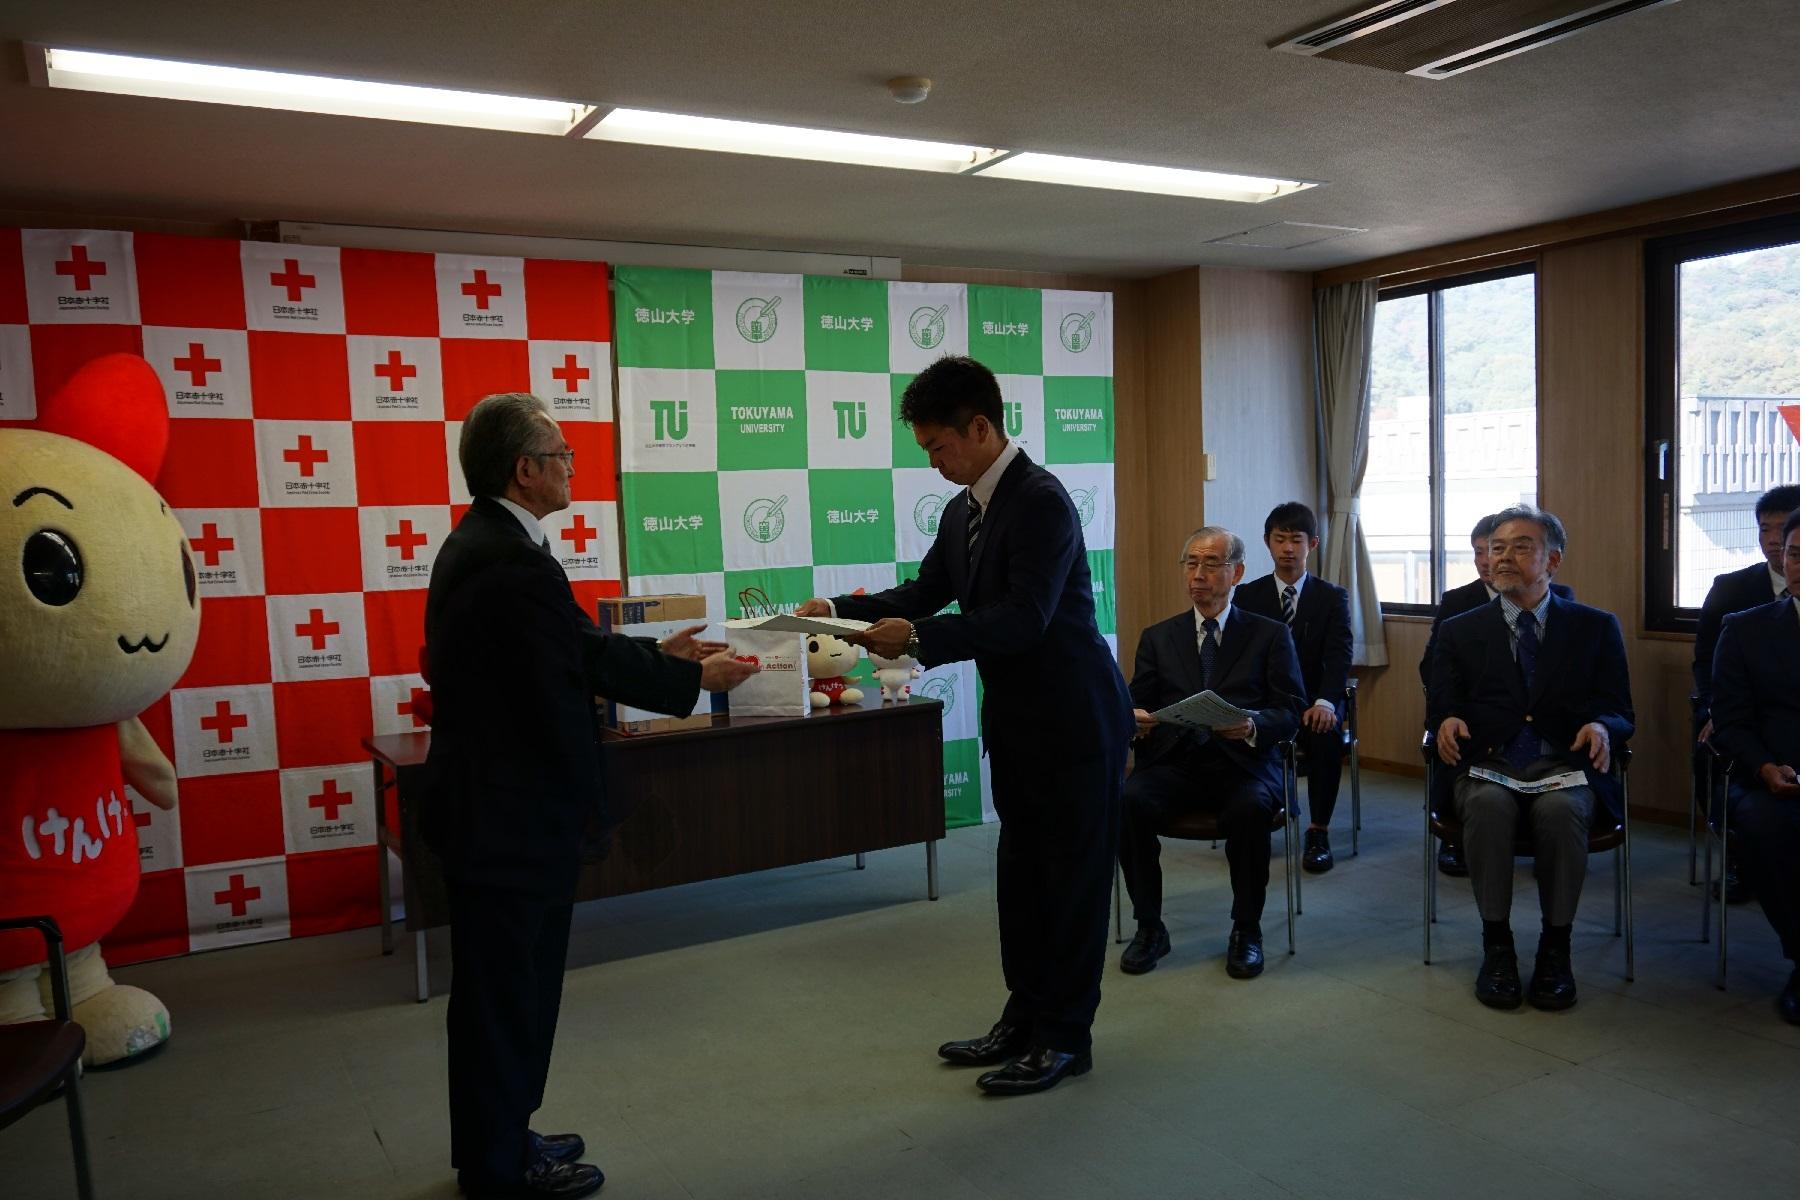 https://www.bs.jrc.or.jp/csk/yamaguchi/001.jpg